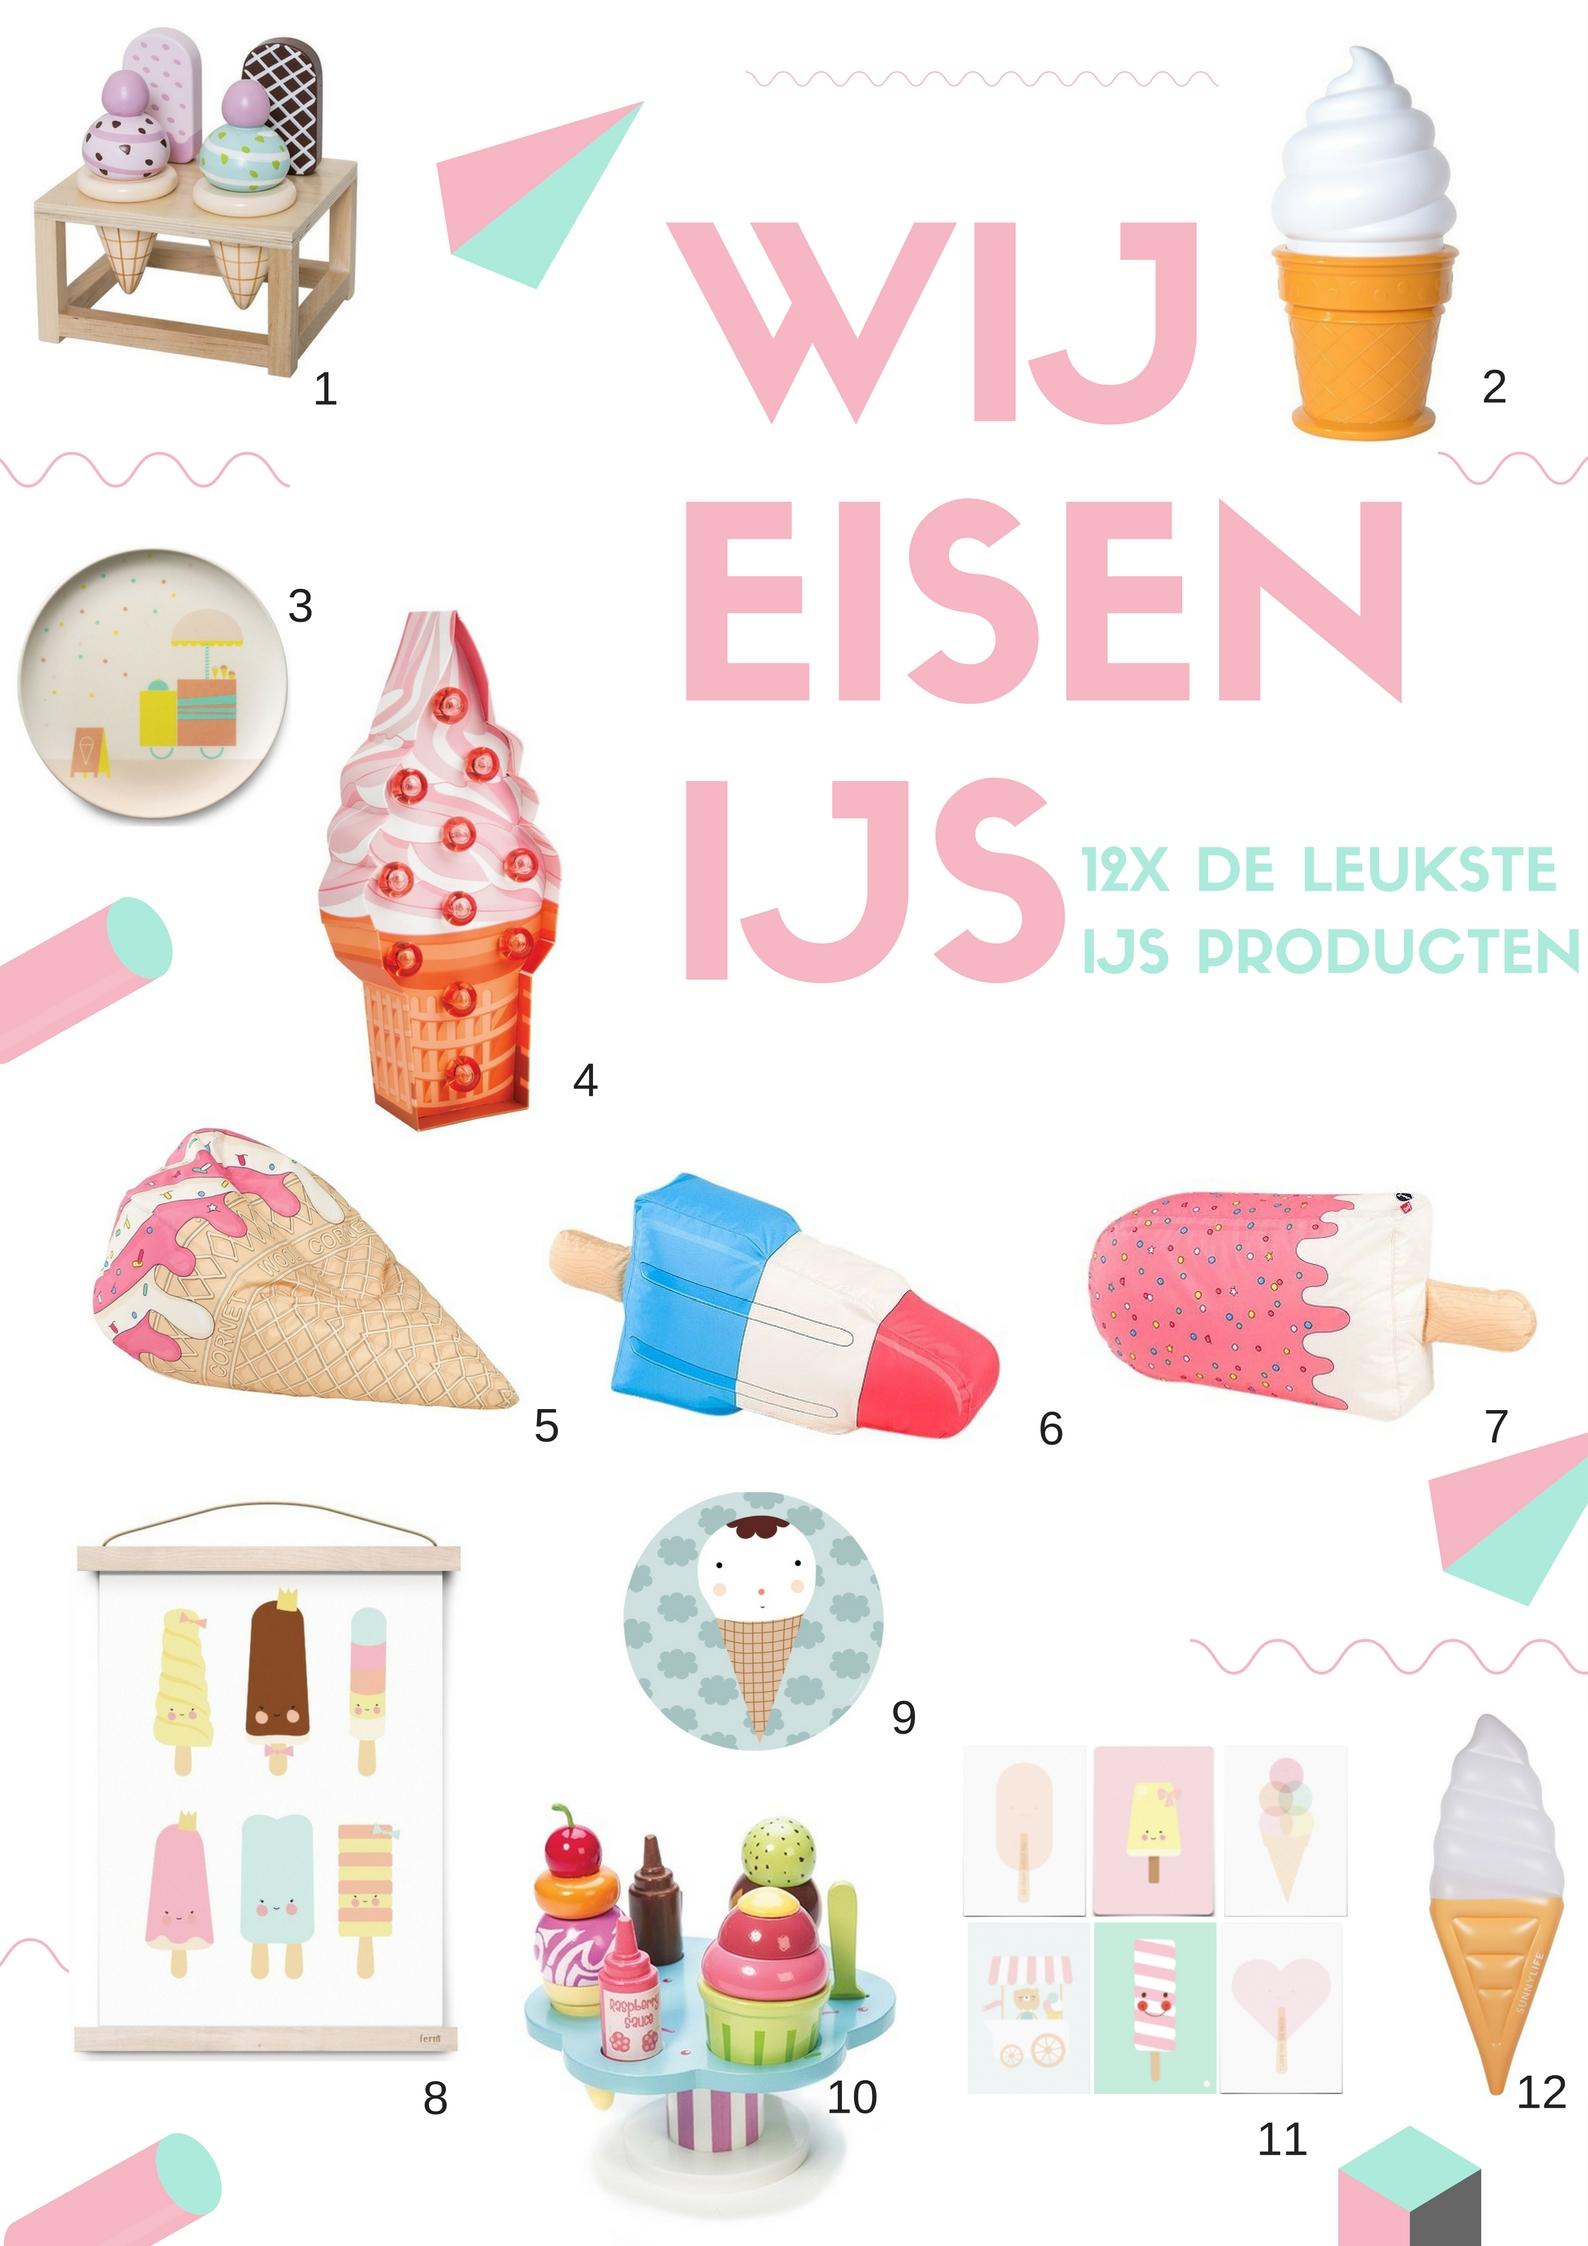 IJs producten voor kinderen